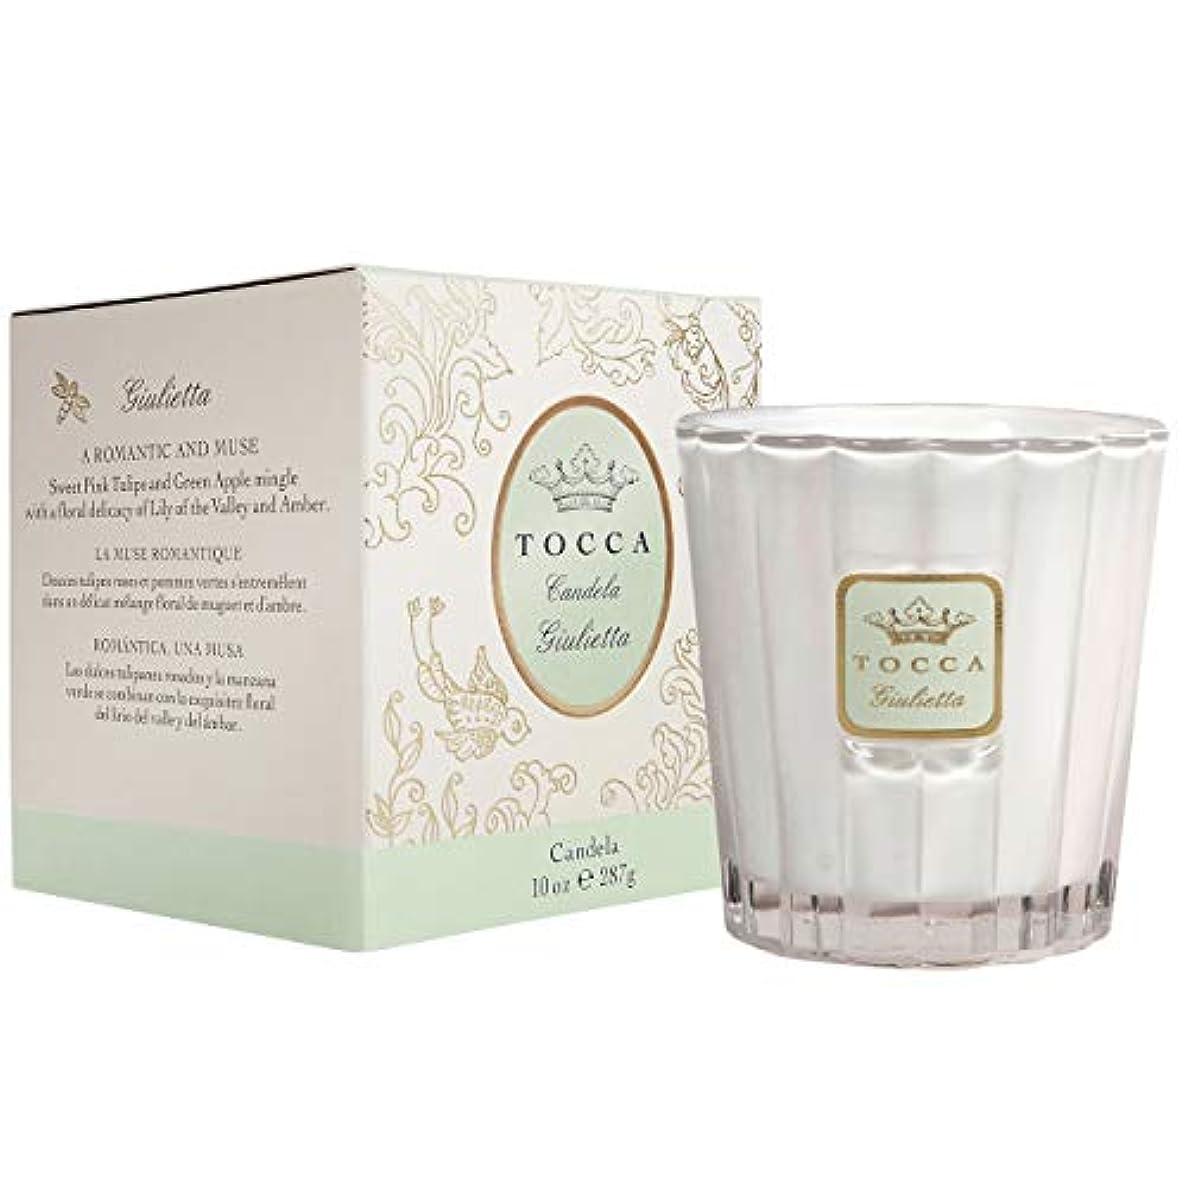 数学咲く大臣トッカ(TOCCA) キャンドル ジュリエッタの香り 約287g (ろうそく 爽やかで甘い香り)